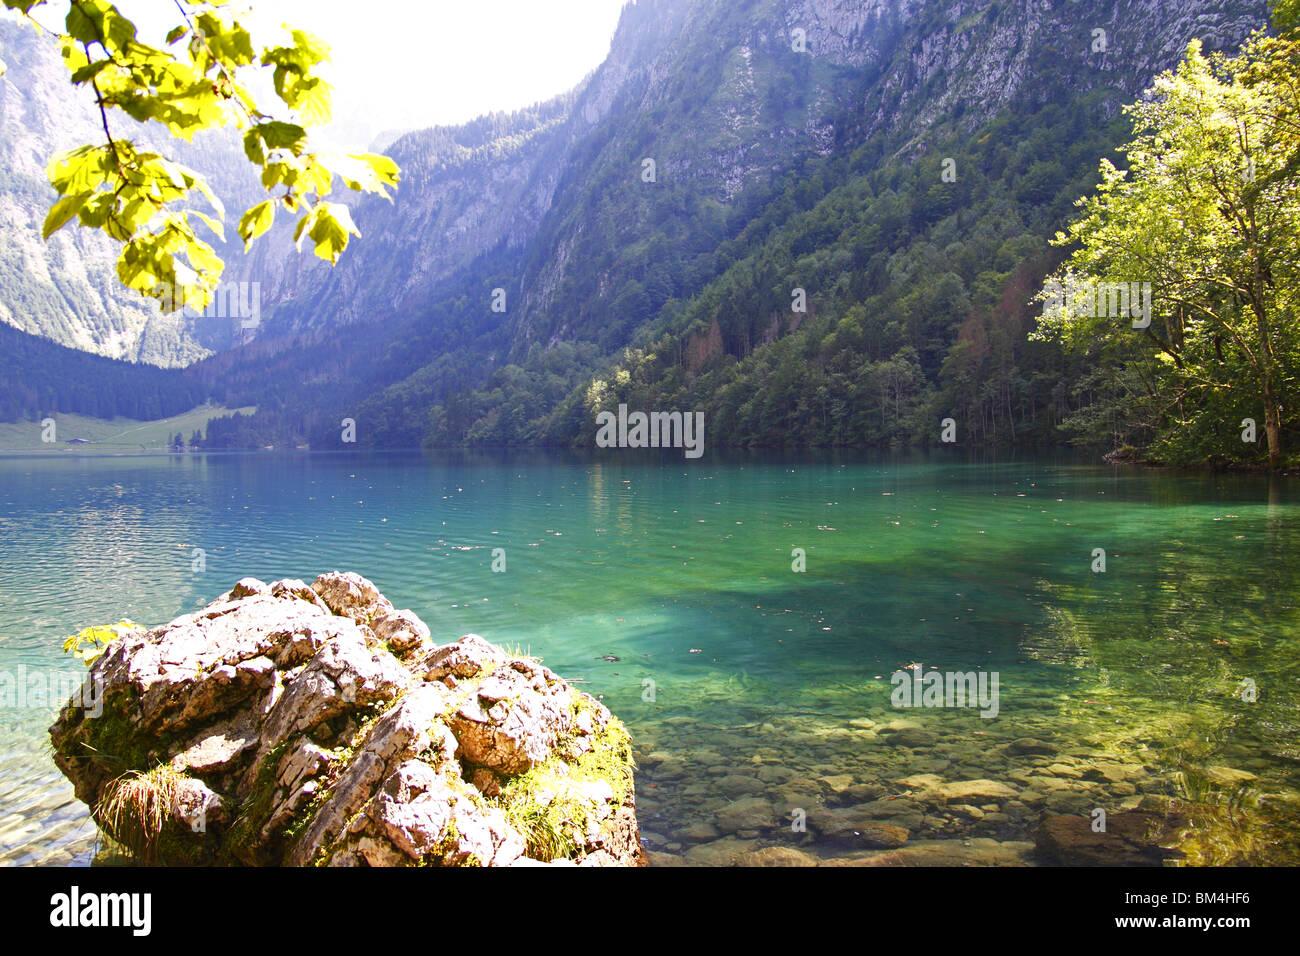 Alpen, Berge, Berchtesgaden, Königssee Stockbild